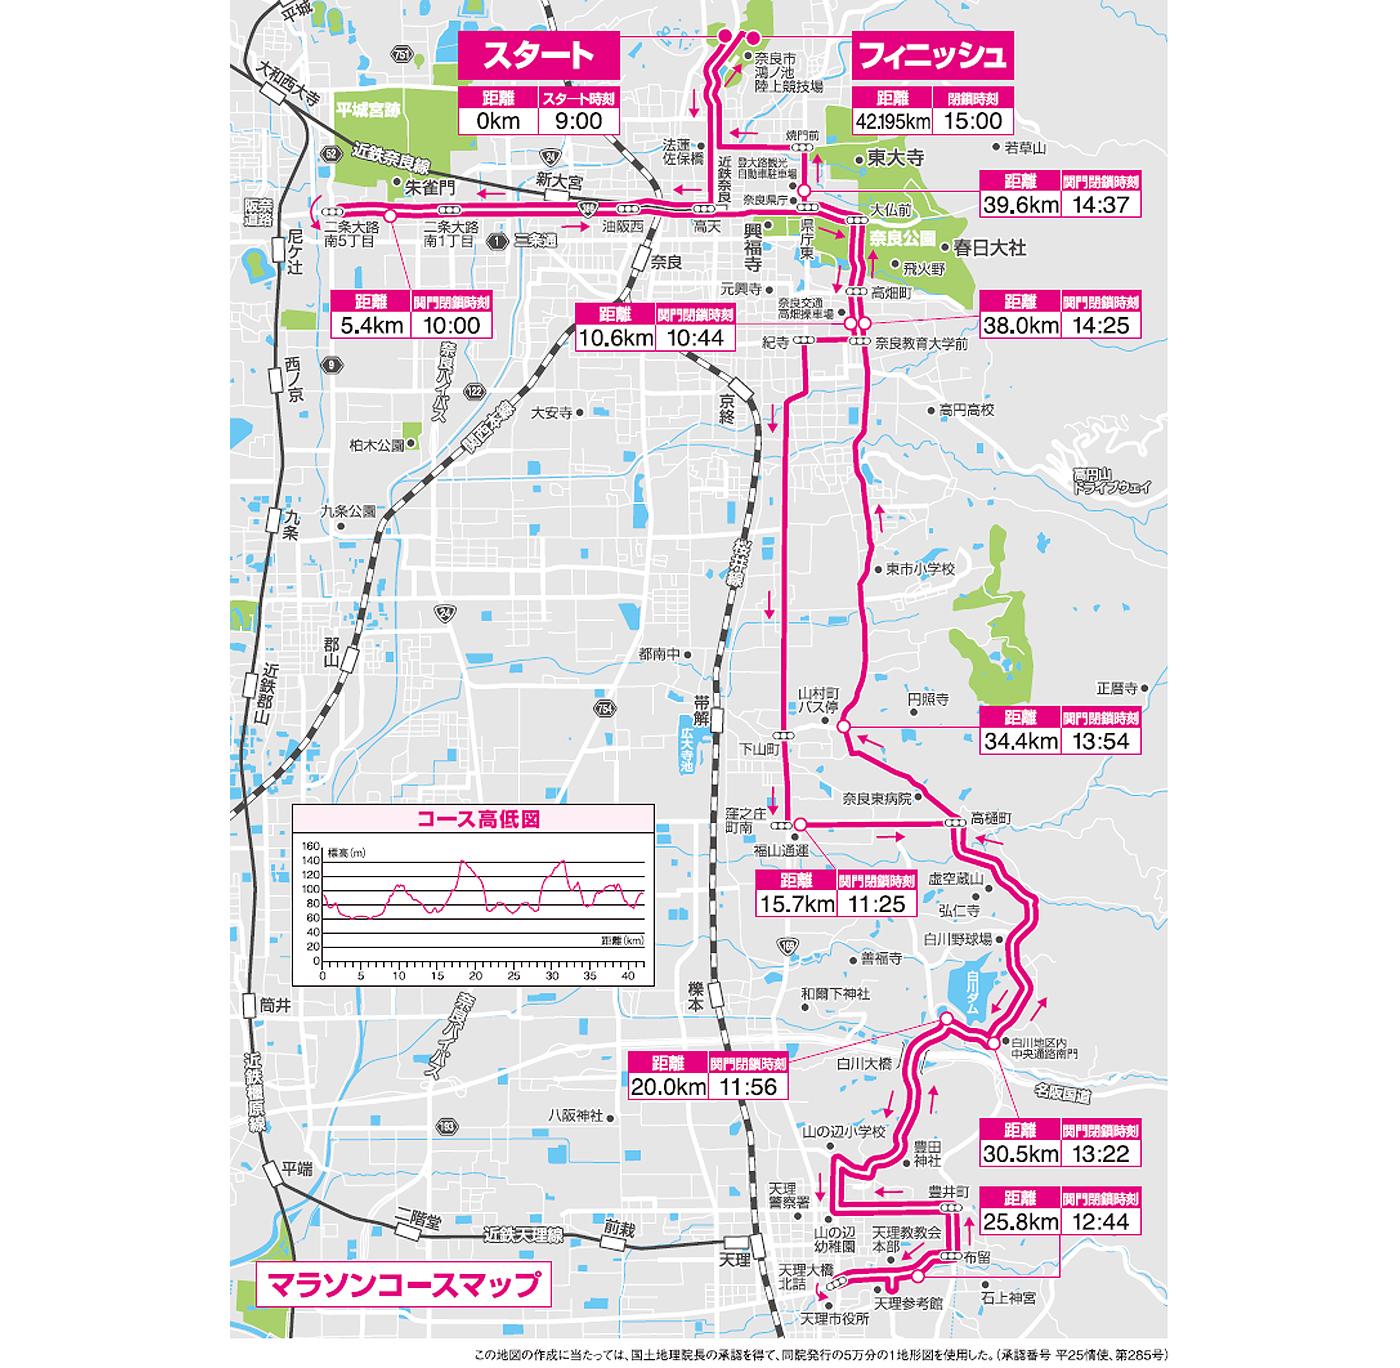 AJP-R-heroimg-Nara-map